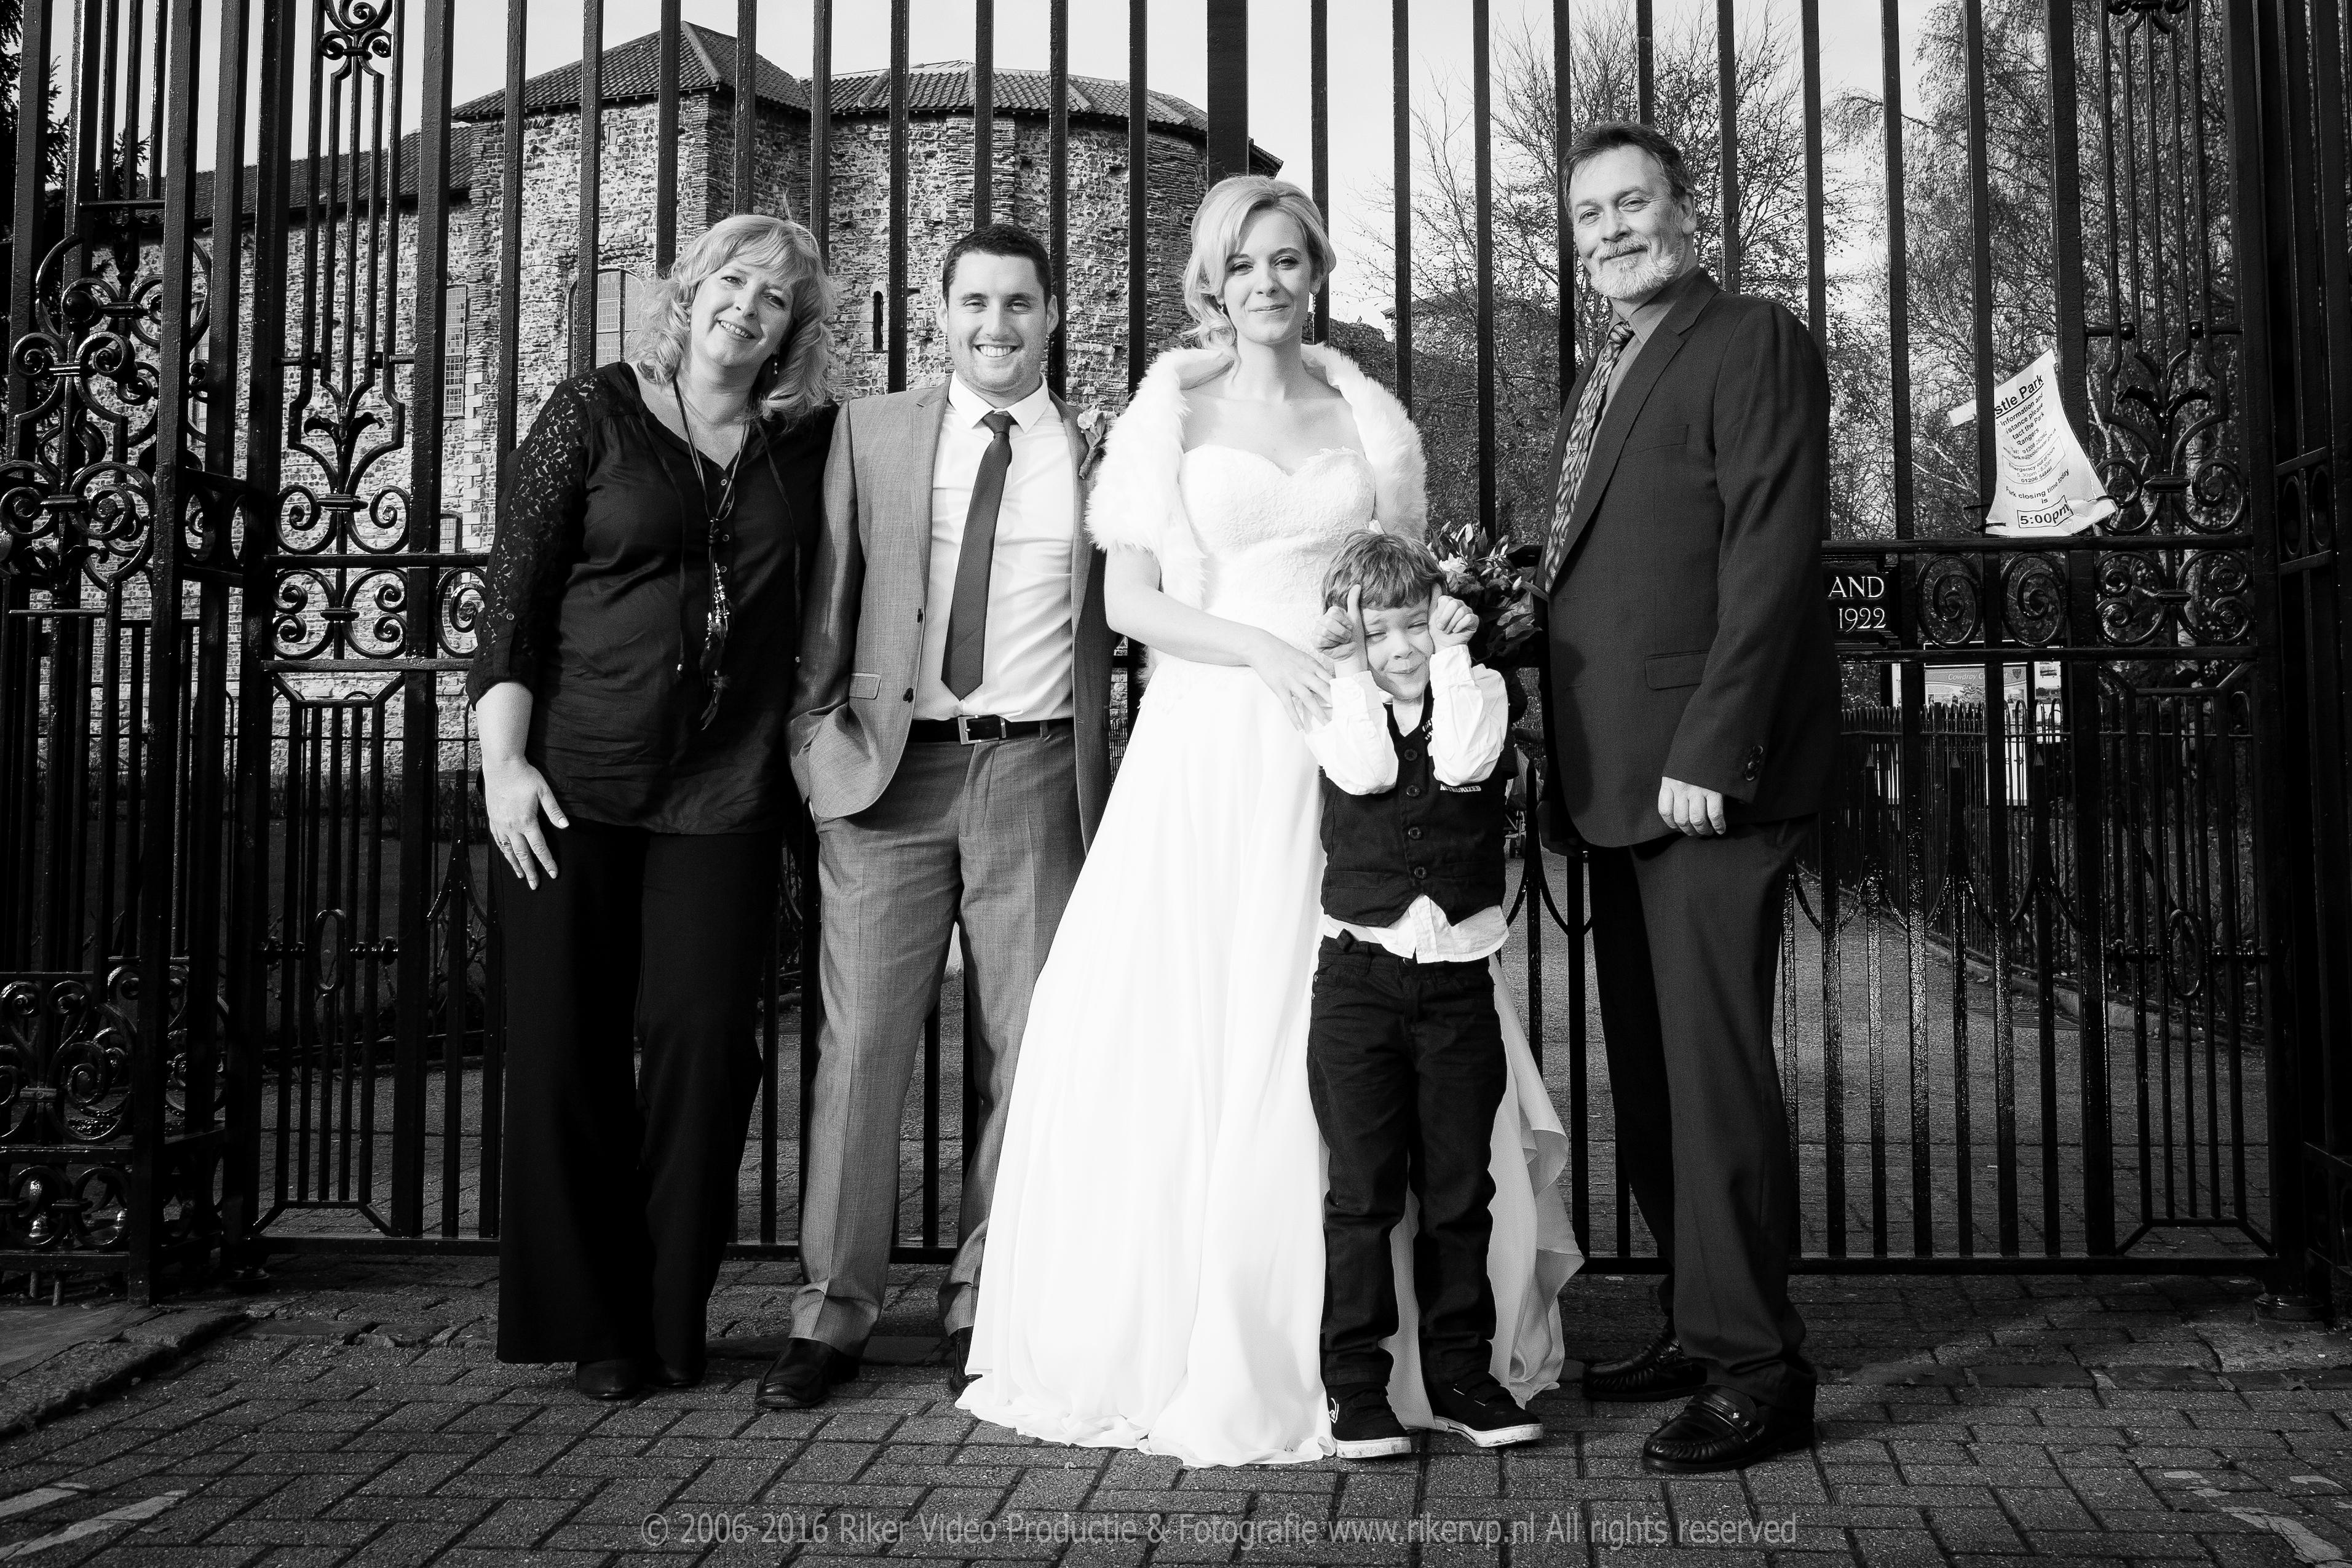 trouwfotograaf-zwijndrecht-huwelijksfotograaf-rotterdam_mg_0115-2